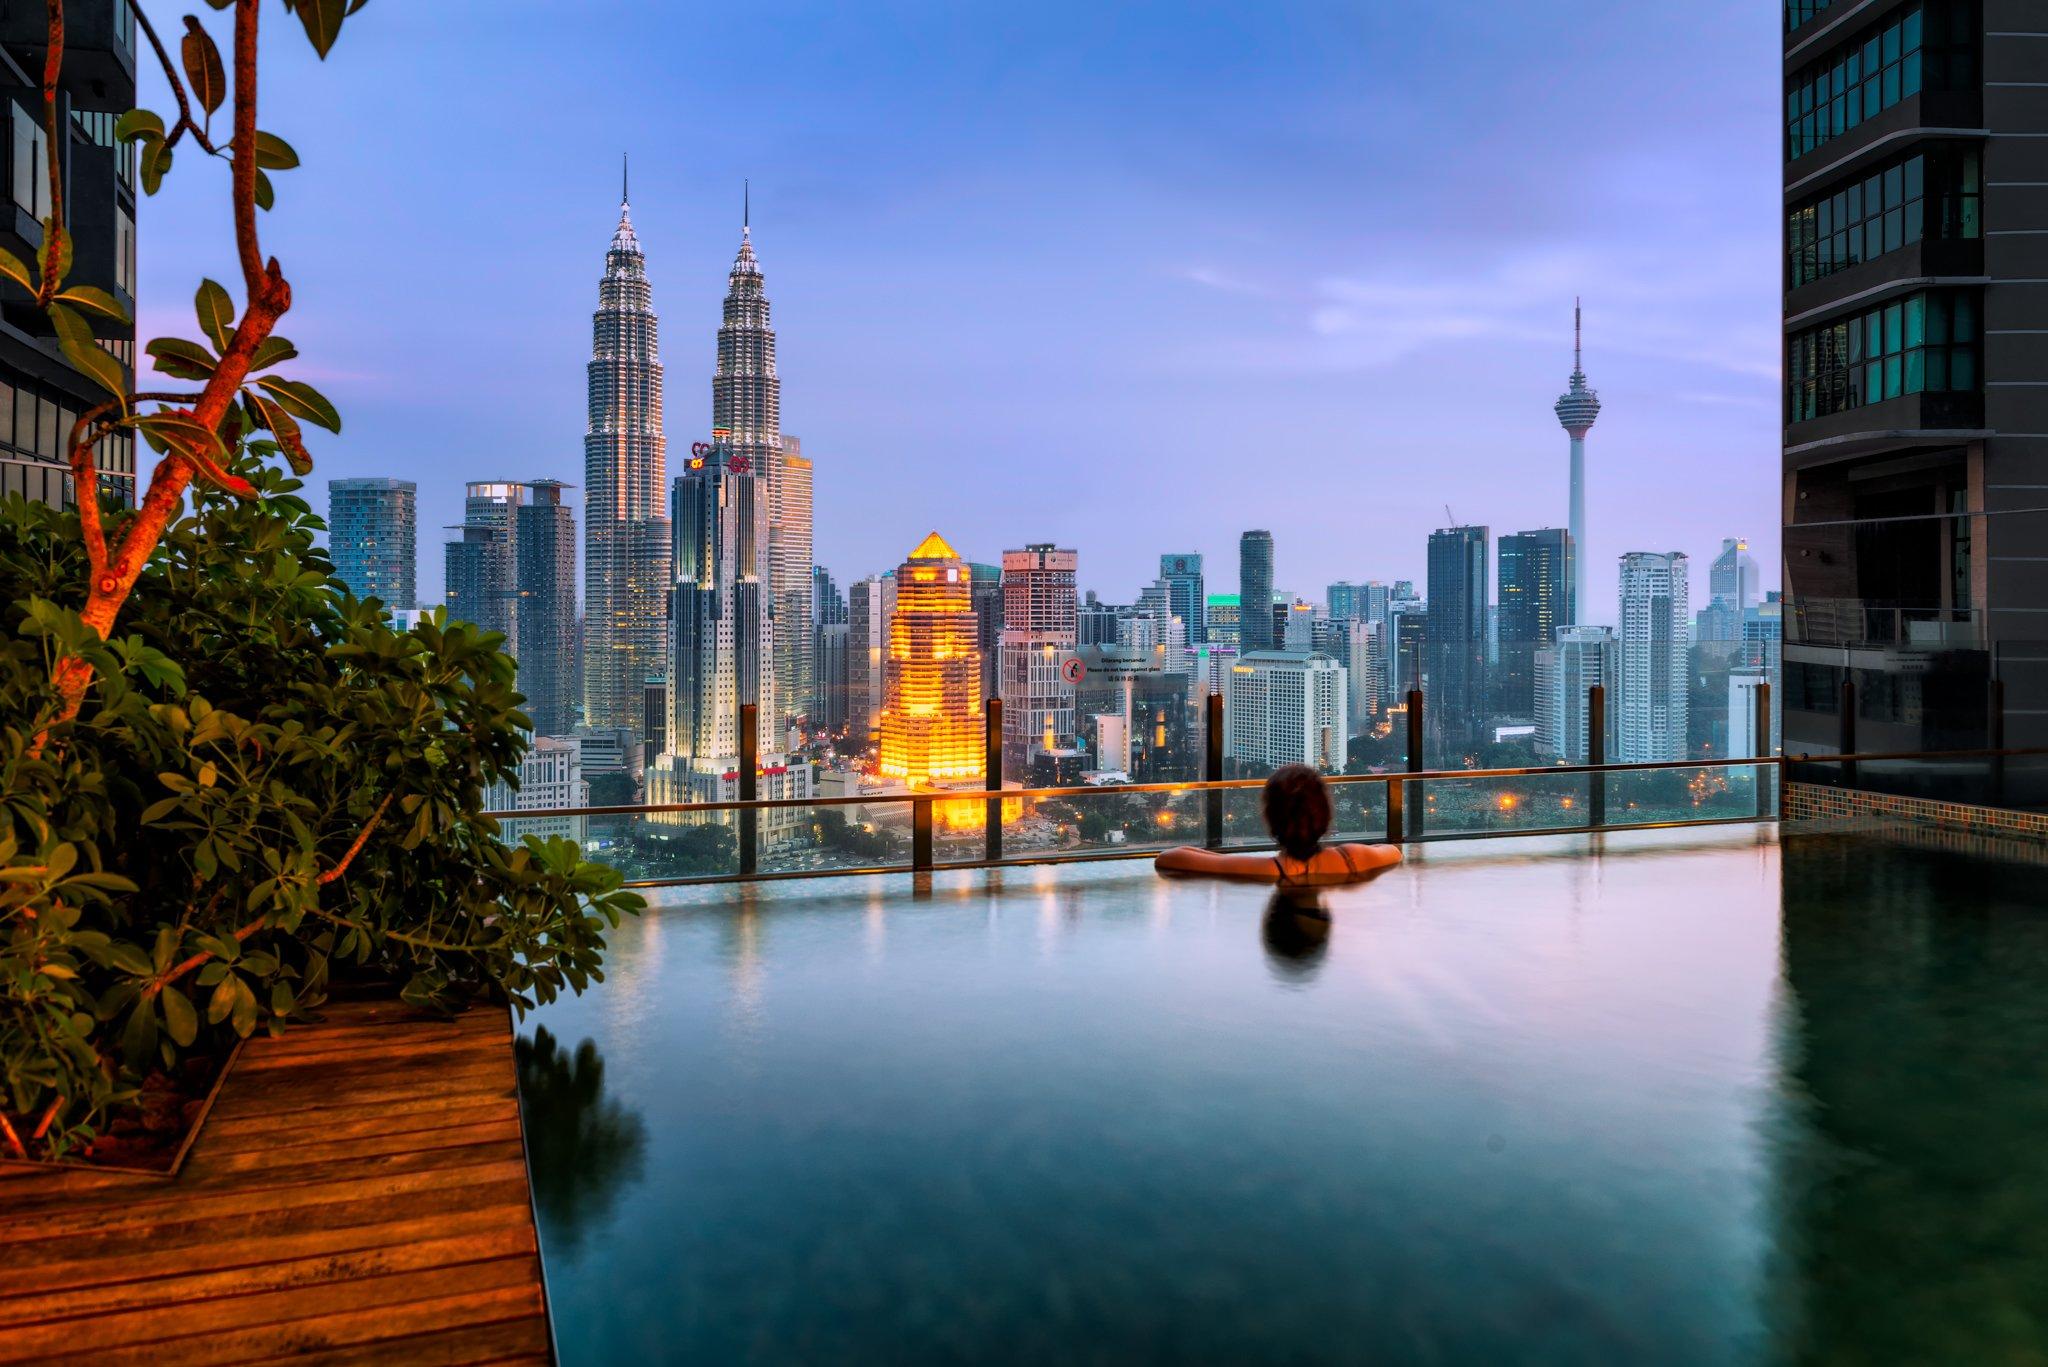 Uitzicht over Kuala Lumpur stad in Maleisië tijdens een zonsondergang vanaf het overloopzwembad.